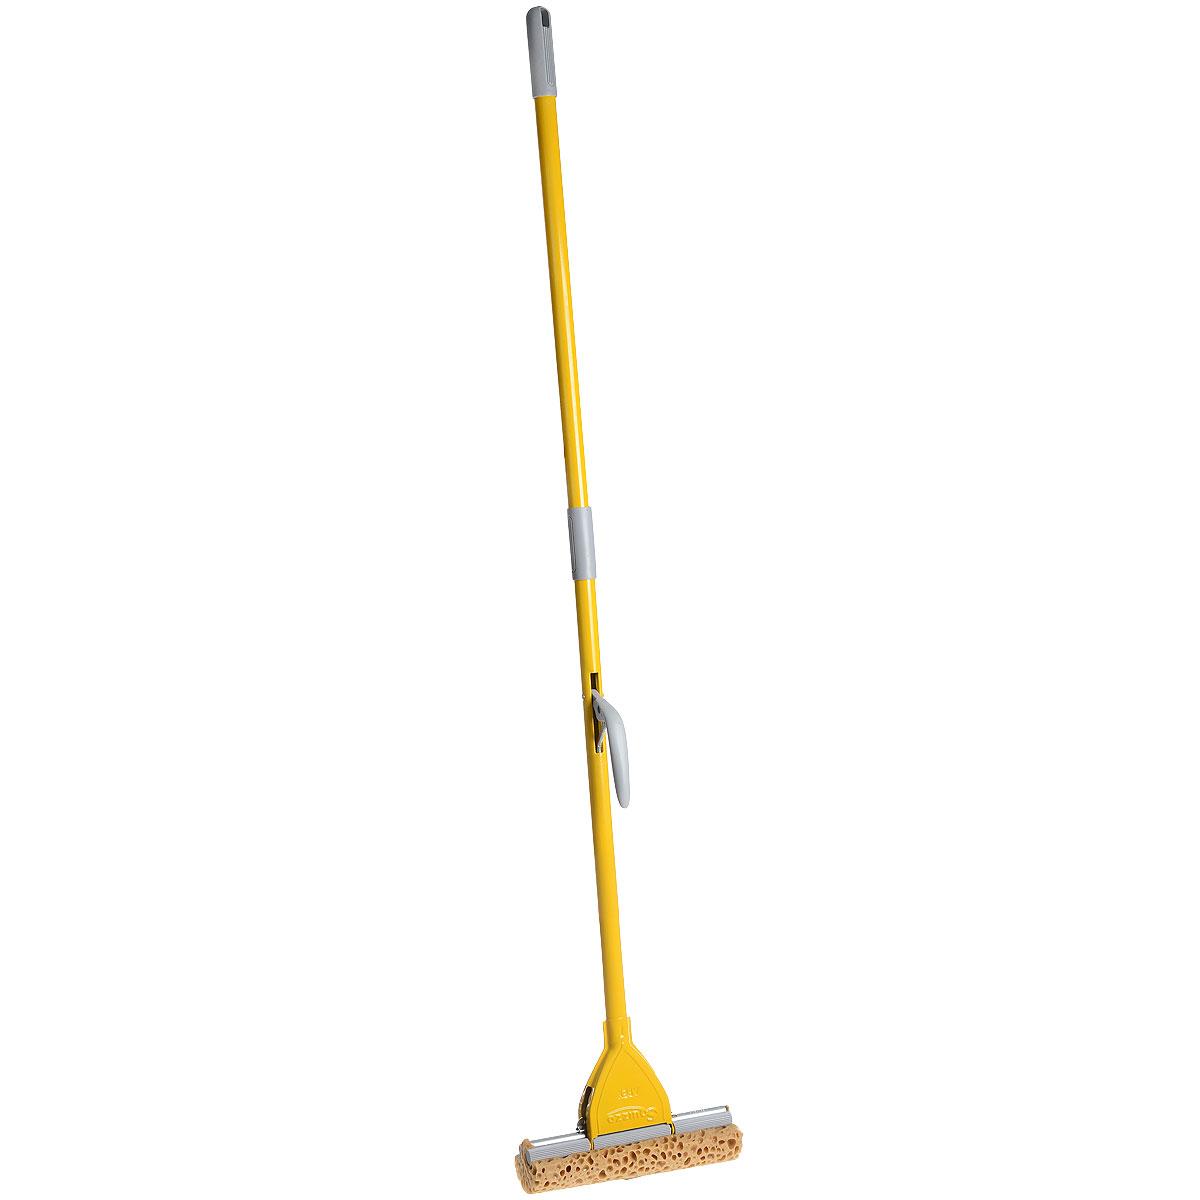 Швабра Apex Minor, с отжимом, цвет: желтый, серый, 25 см531-402Швабра Apex Minor предназначена для уборки в доме.Насадка, изготовленная из поролона, крепится к стальной трубке. Насадка имеет специальную форму, которая позволяет легко и качественно мыть полы.Специальная система отжима позволяет отжимать воду более эффективно, чем вручную.Ширина рабочей поверхности: 25 см.Длина ручки: 130 см.